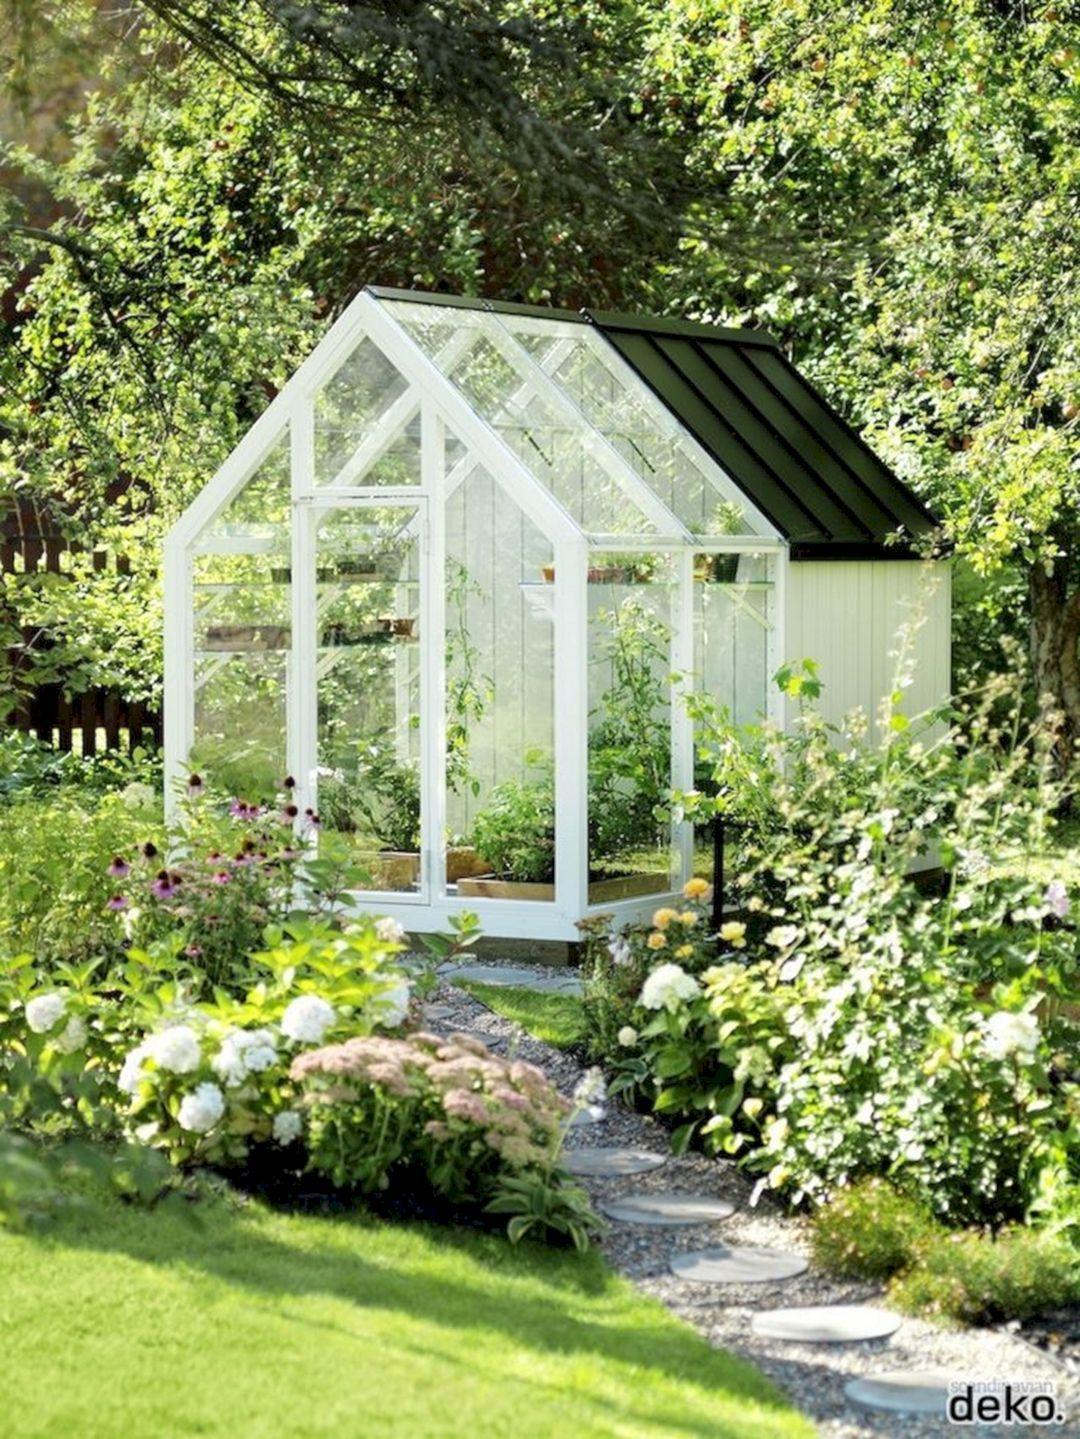 30 Beautiful Backyard Garden Design With Small Greenhouse Ideas Freshouz Com Backyard Garden Backyard Garden Design Small Greenhouse Backyard greenhouse garden shed